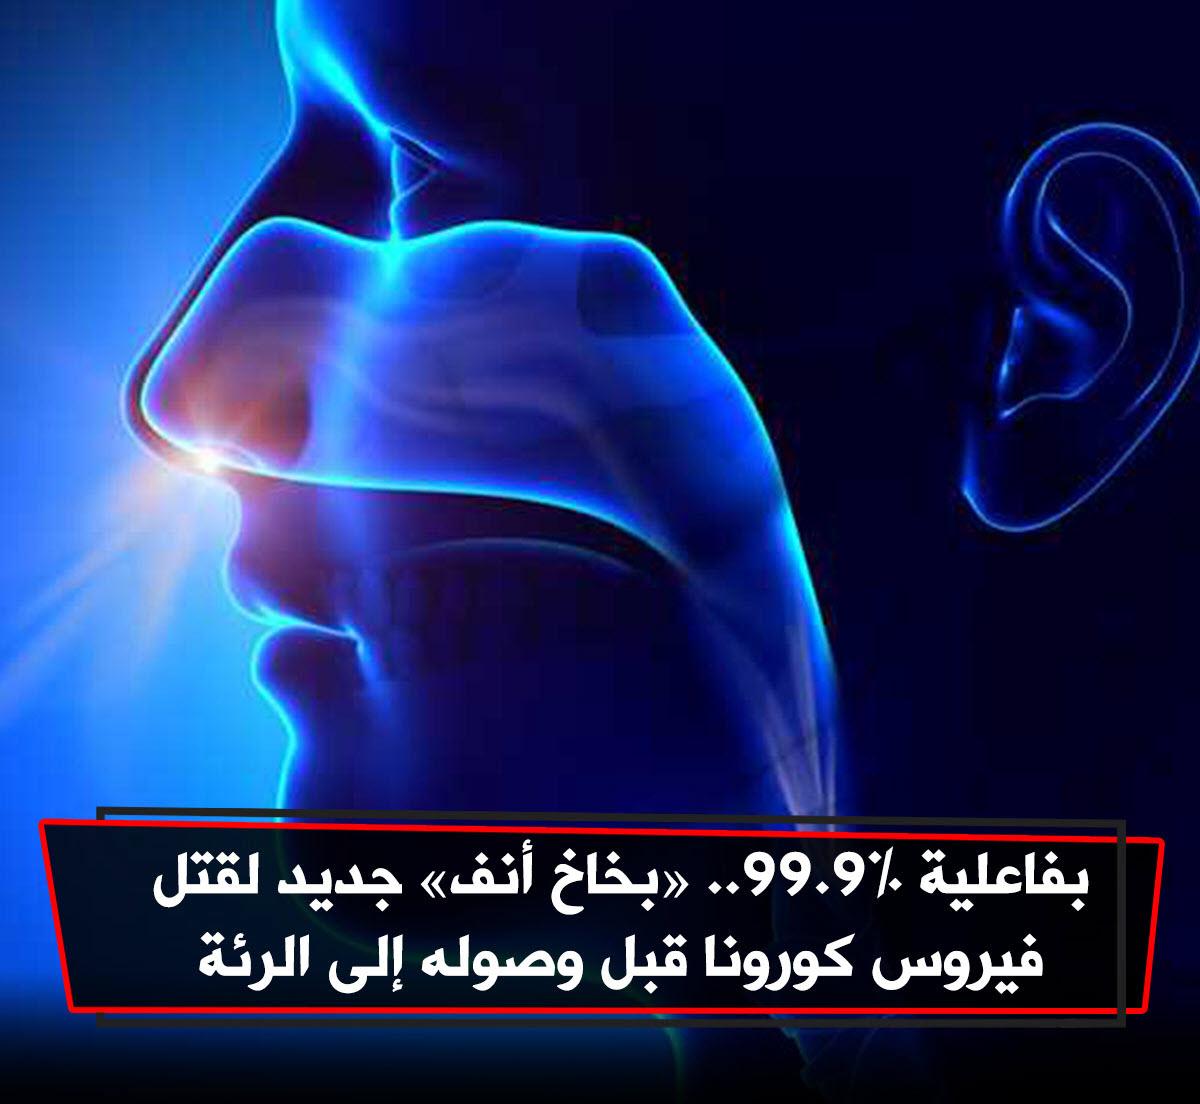 قبل وصوله إلى الرئة .. «نونس» بخاخ أنف يقتل فيروس كورونا بنسبة 99.9%